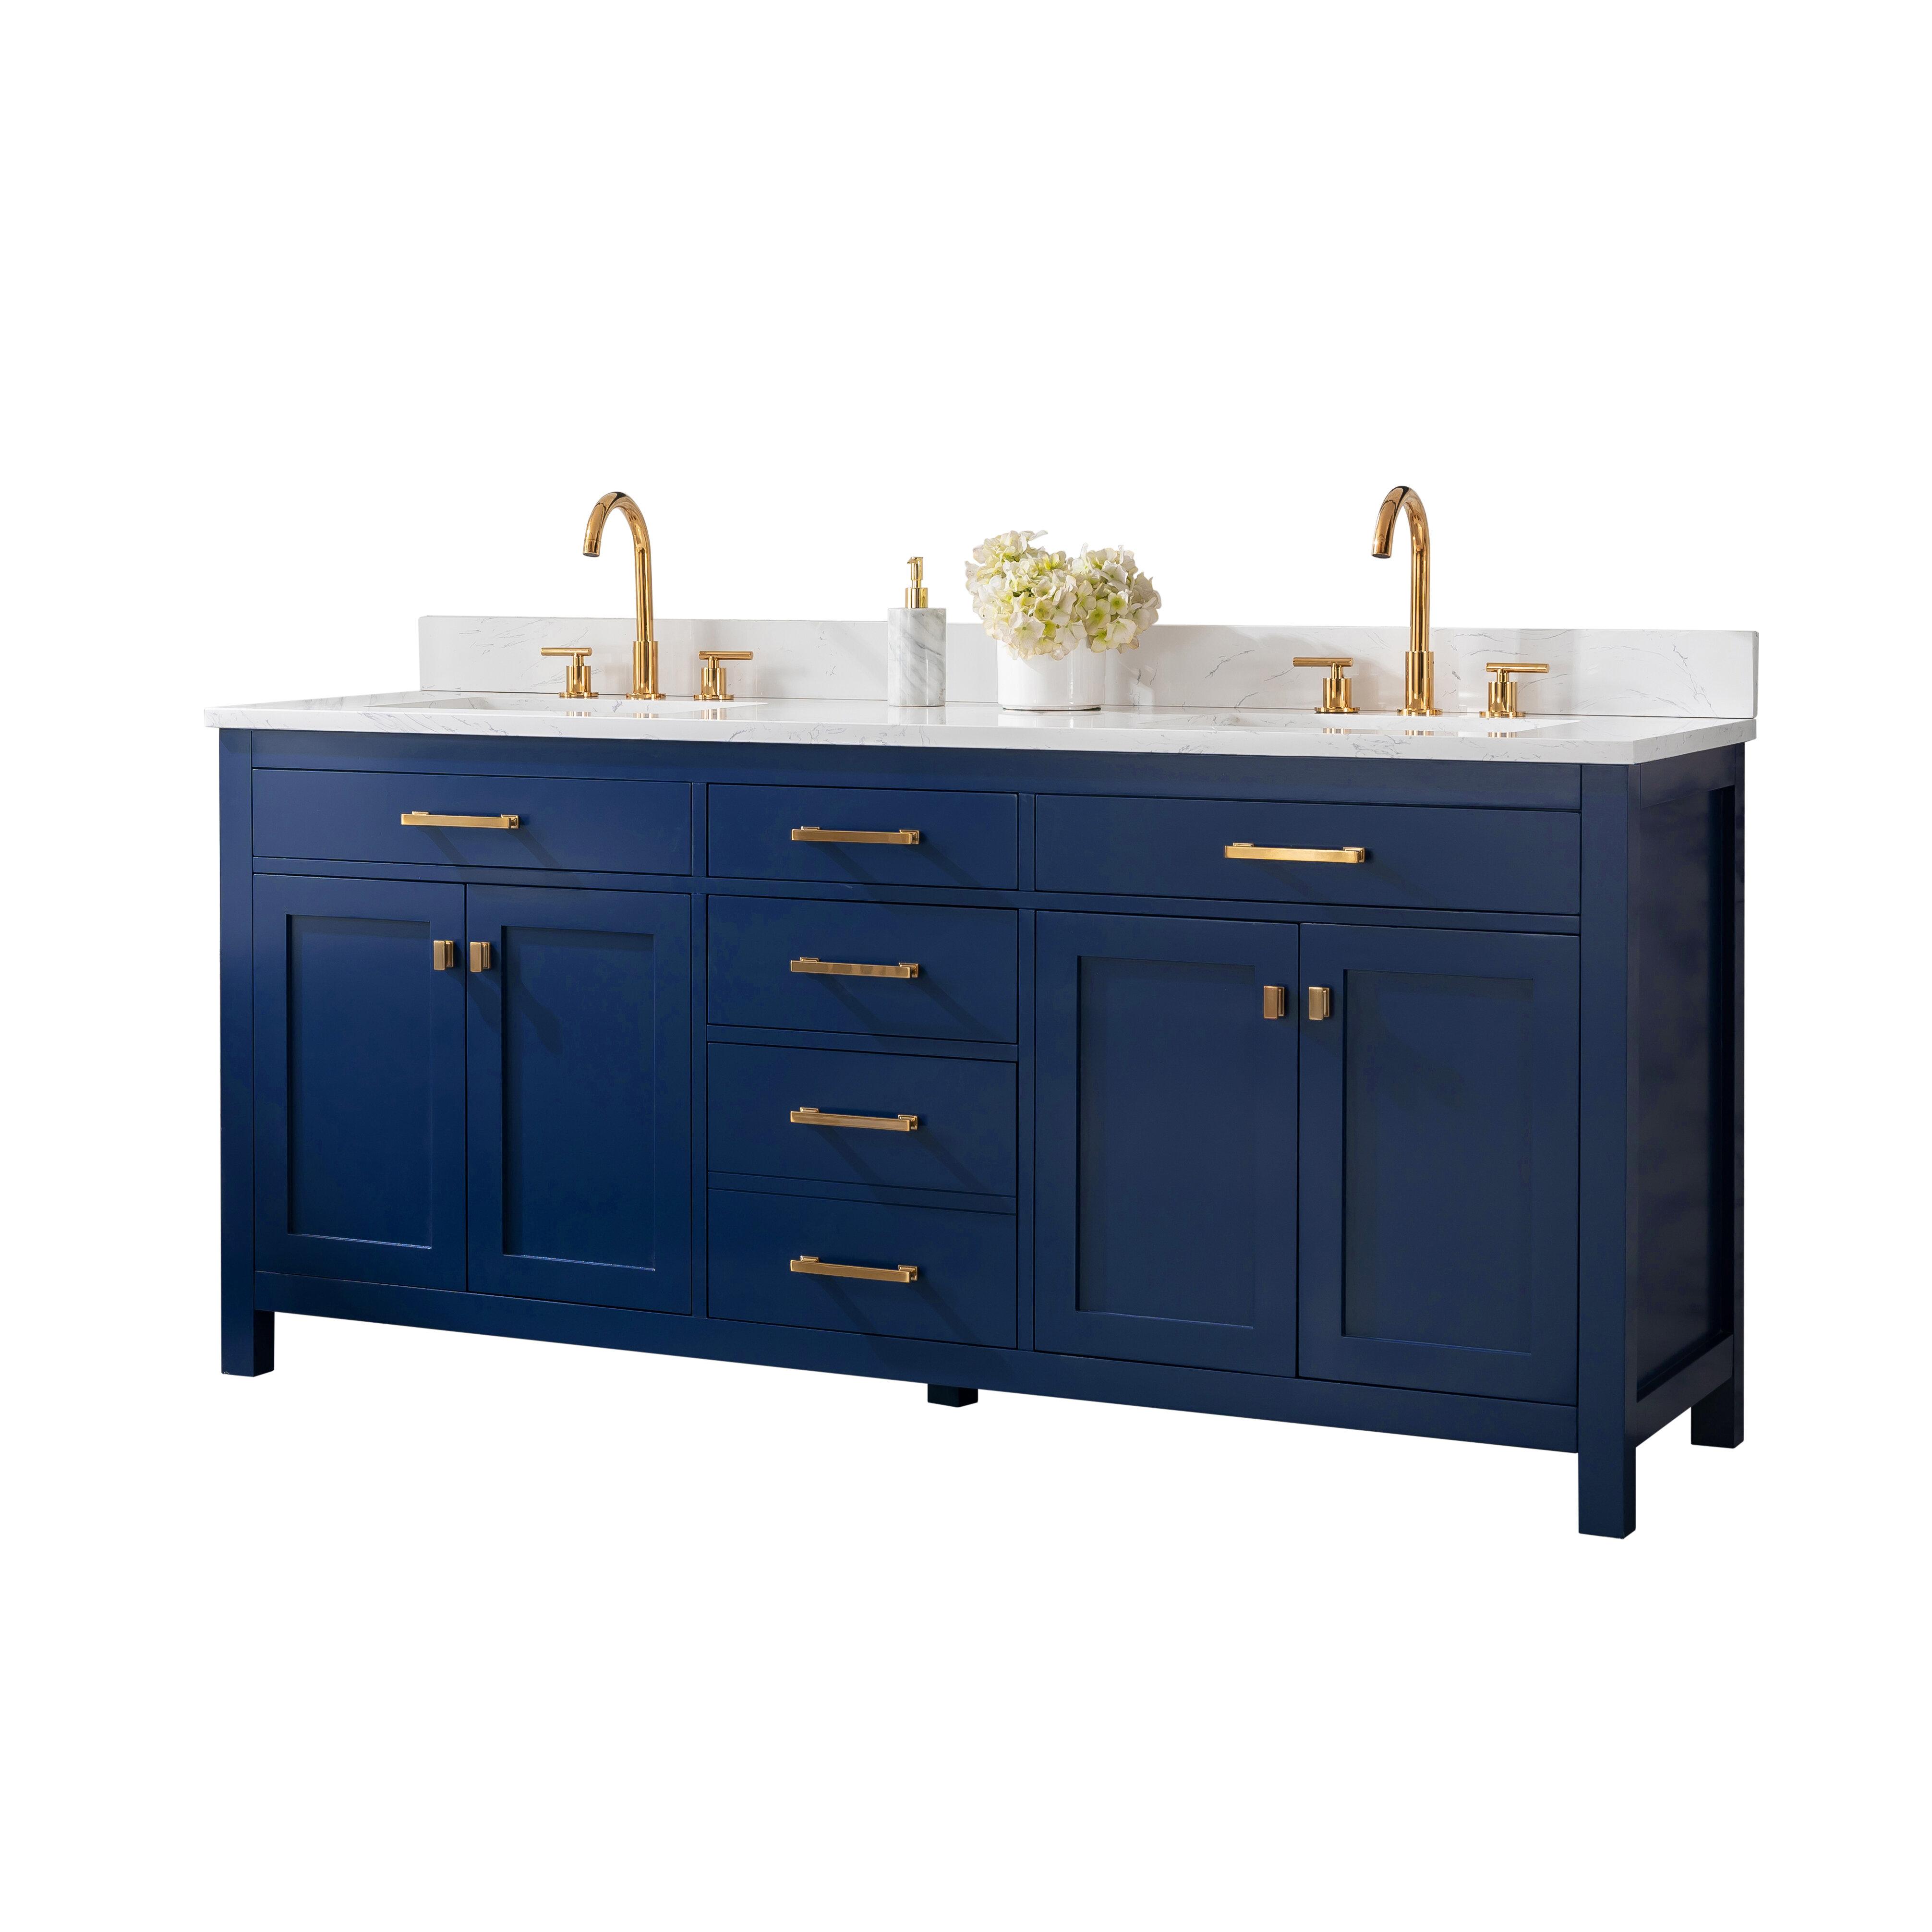 Mercury Row Atencio 72 Double Bathroom Vanity Set Reviews Wayfair